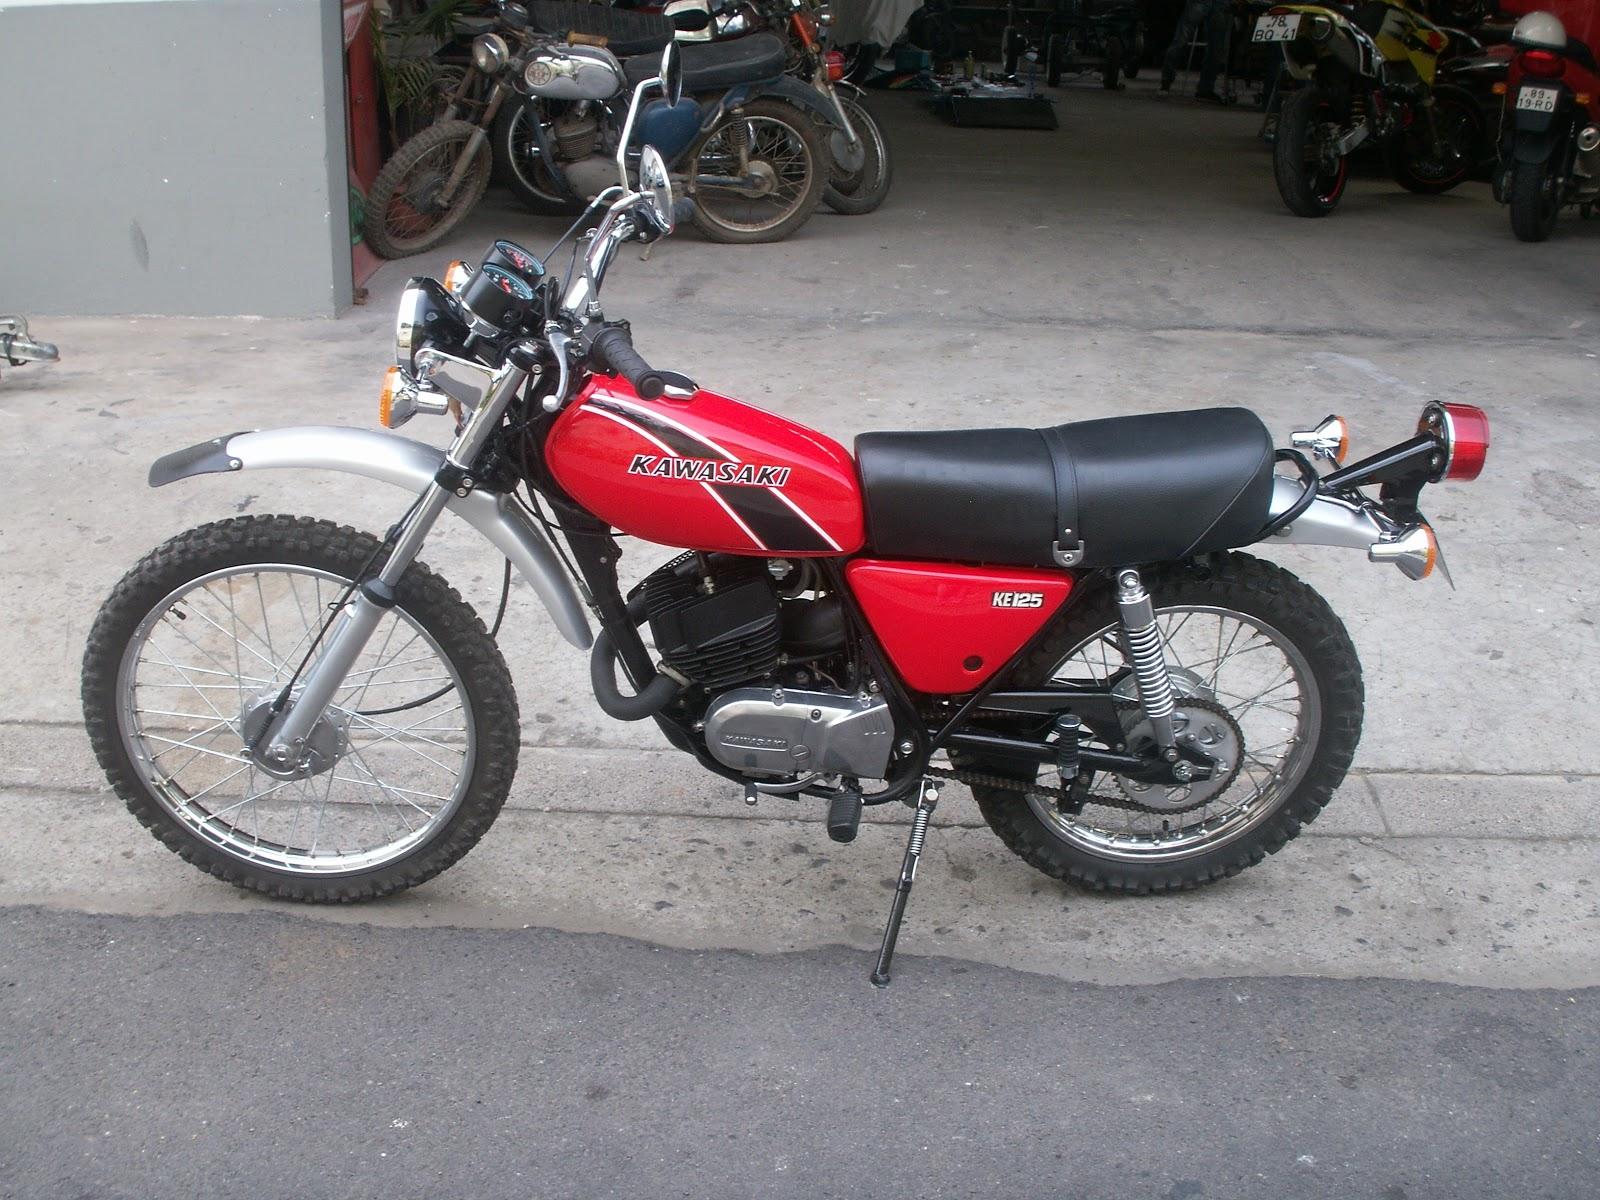 motosport oficina especializada em motos recupera o kawasaki ke 125 1976. Black Bedroom Furniture Sets. Home Design Ideas